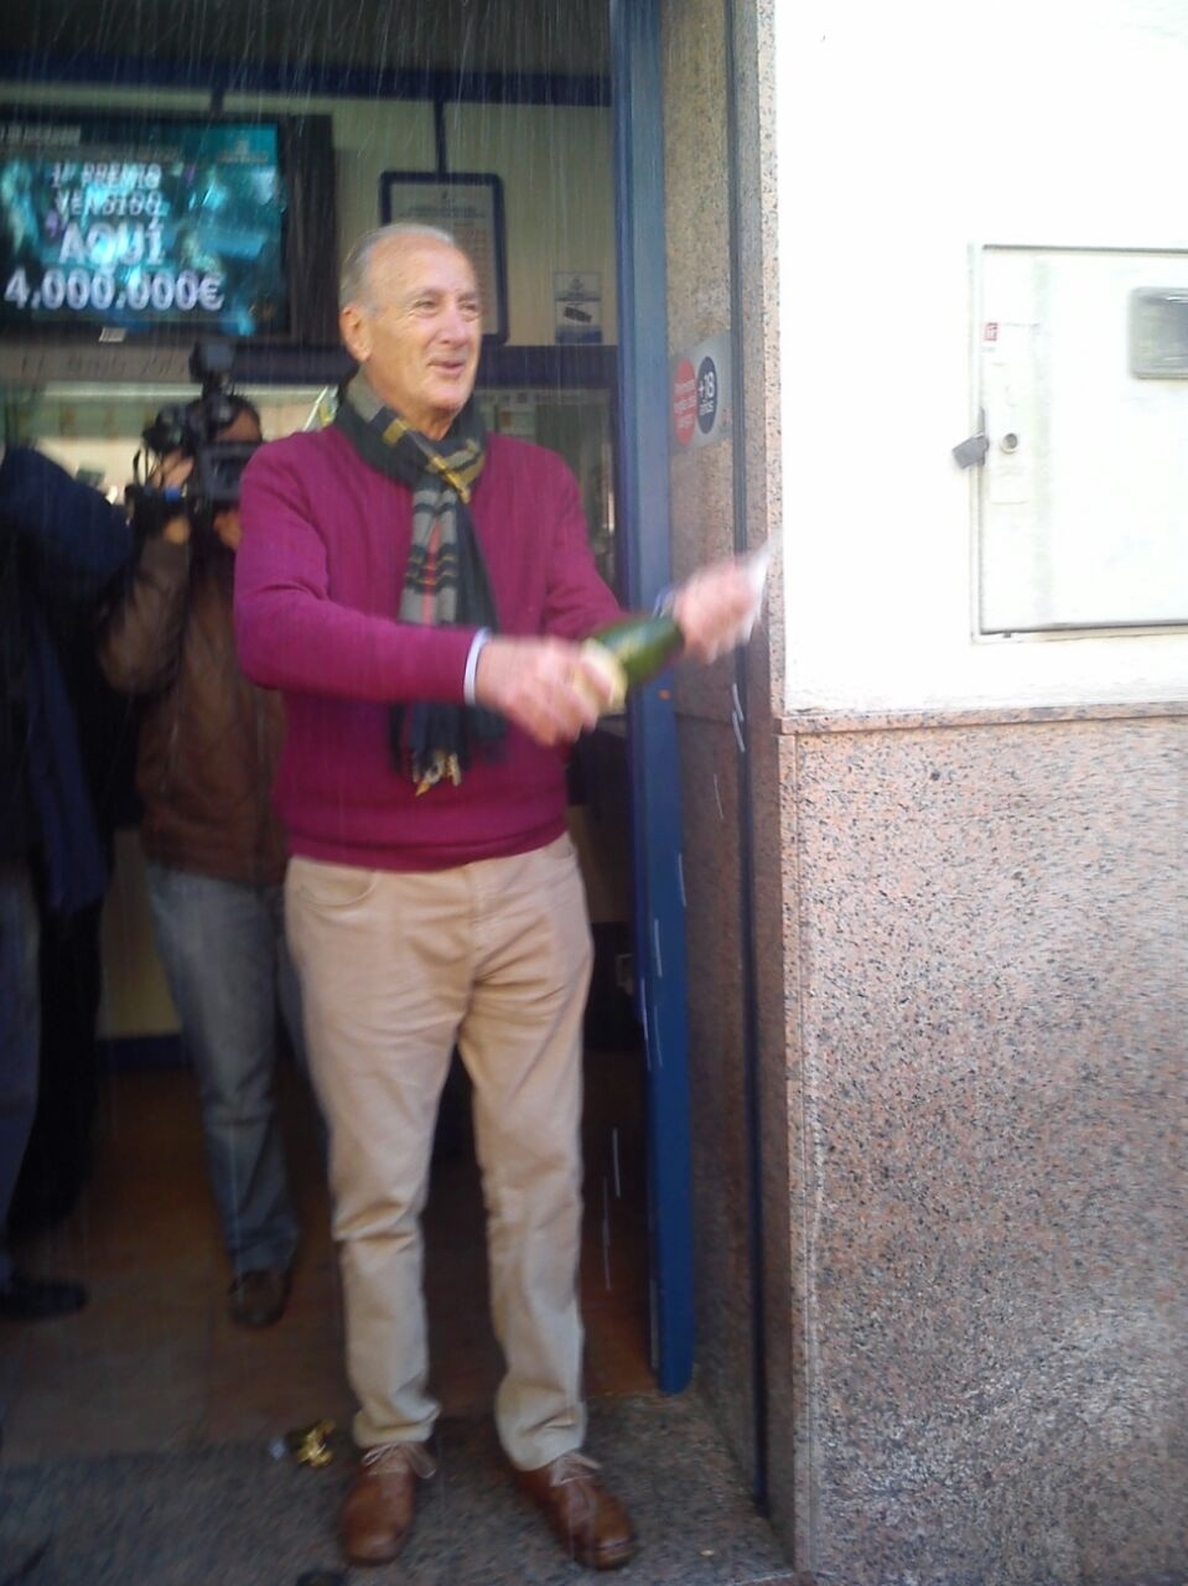 La administración número dos de l»Eliana vende cinco series del »Gordo», 20 millones de euros